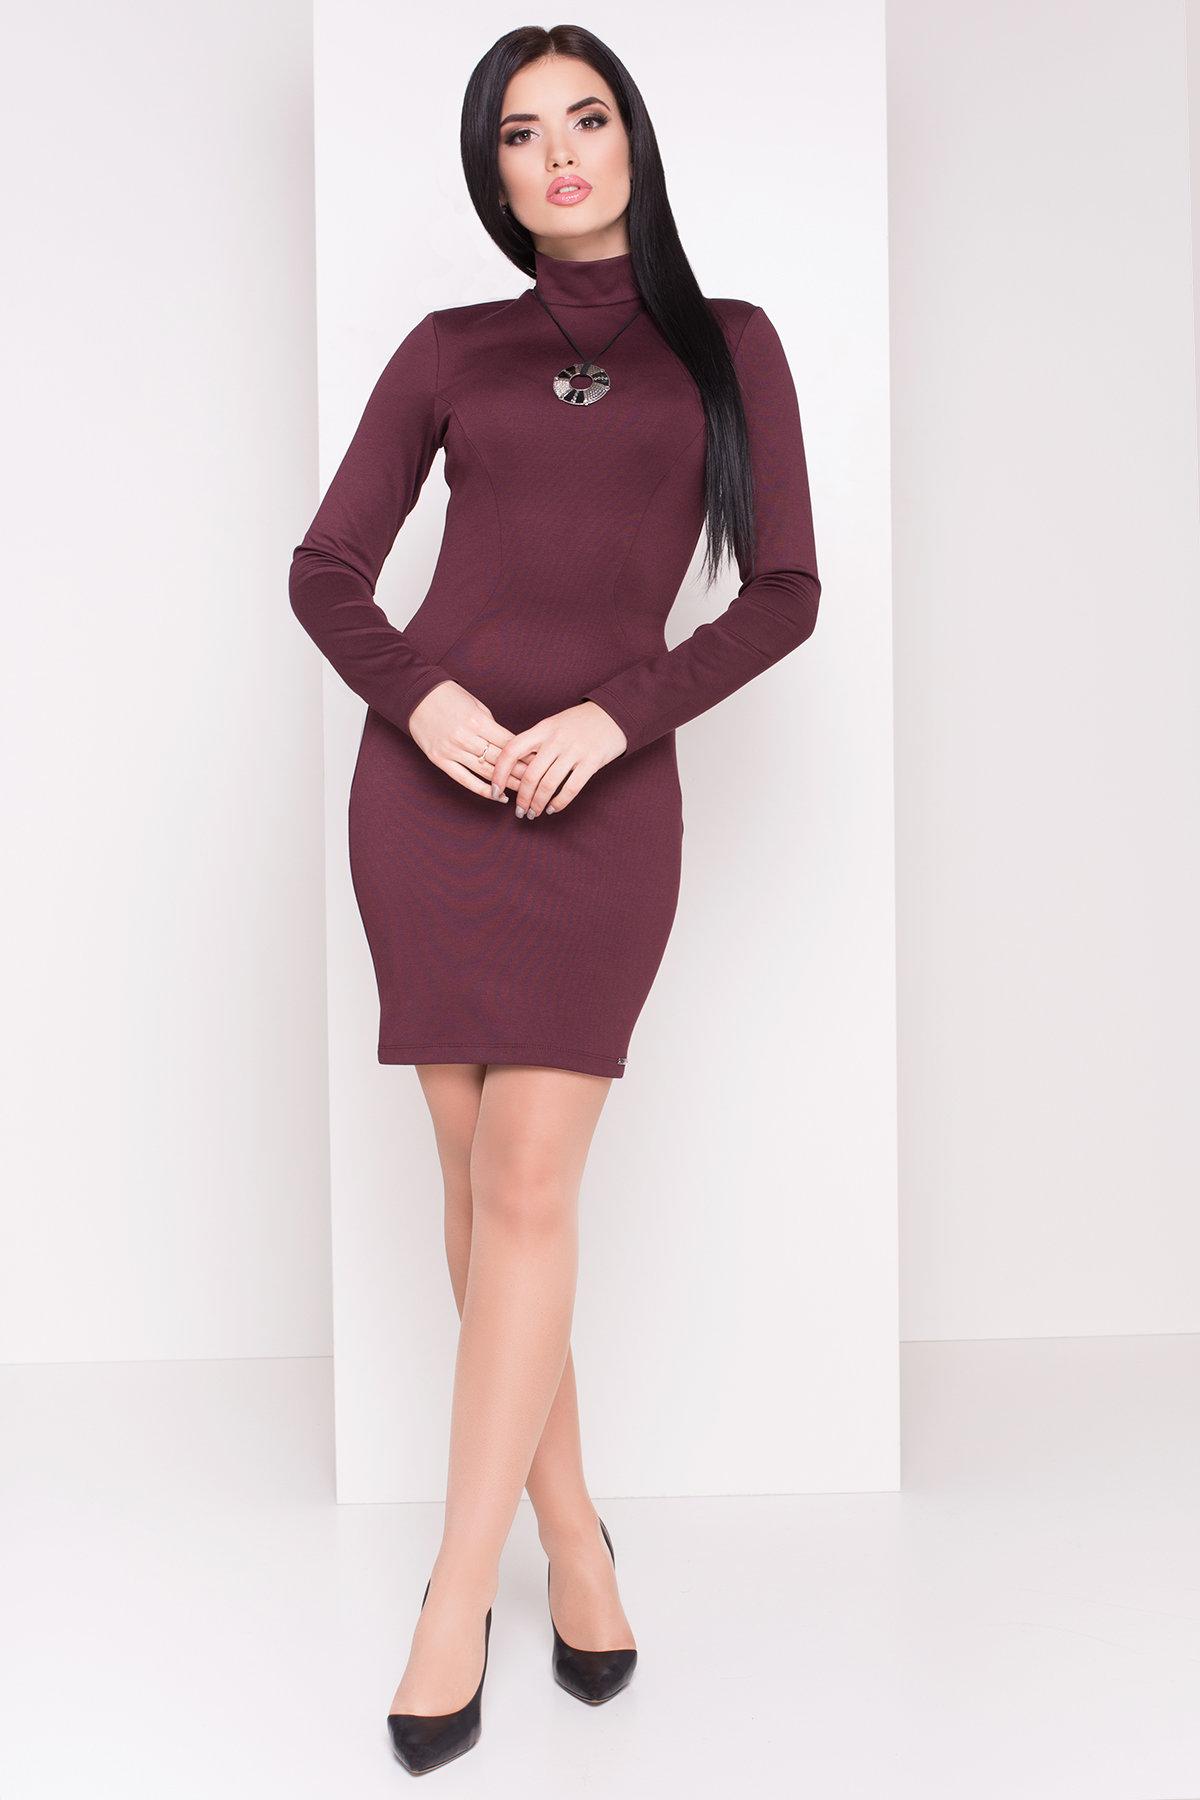 Трикотажное Платье Терция джерси Цвет: Бордо